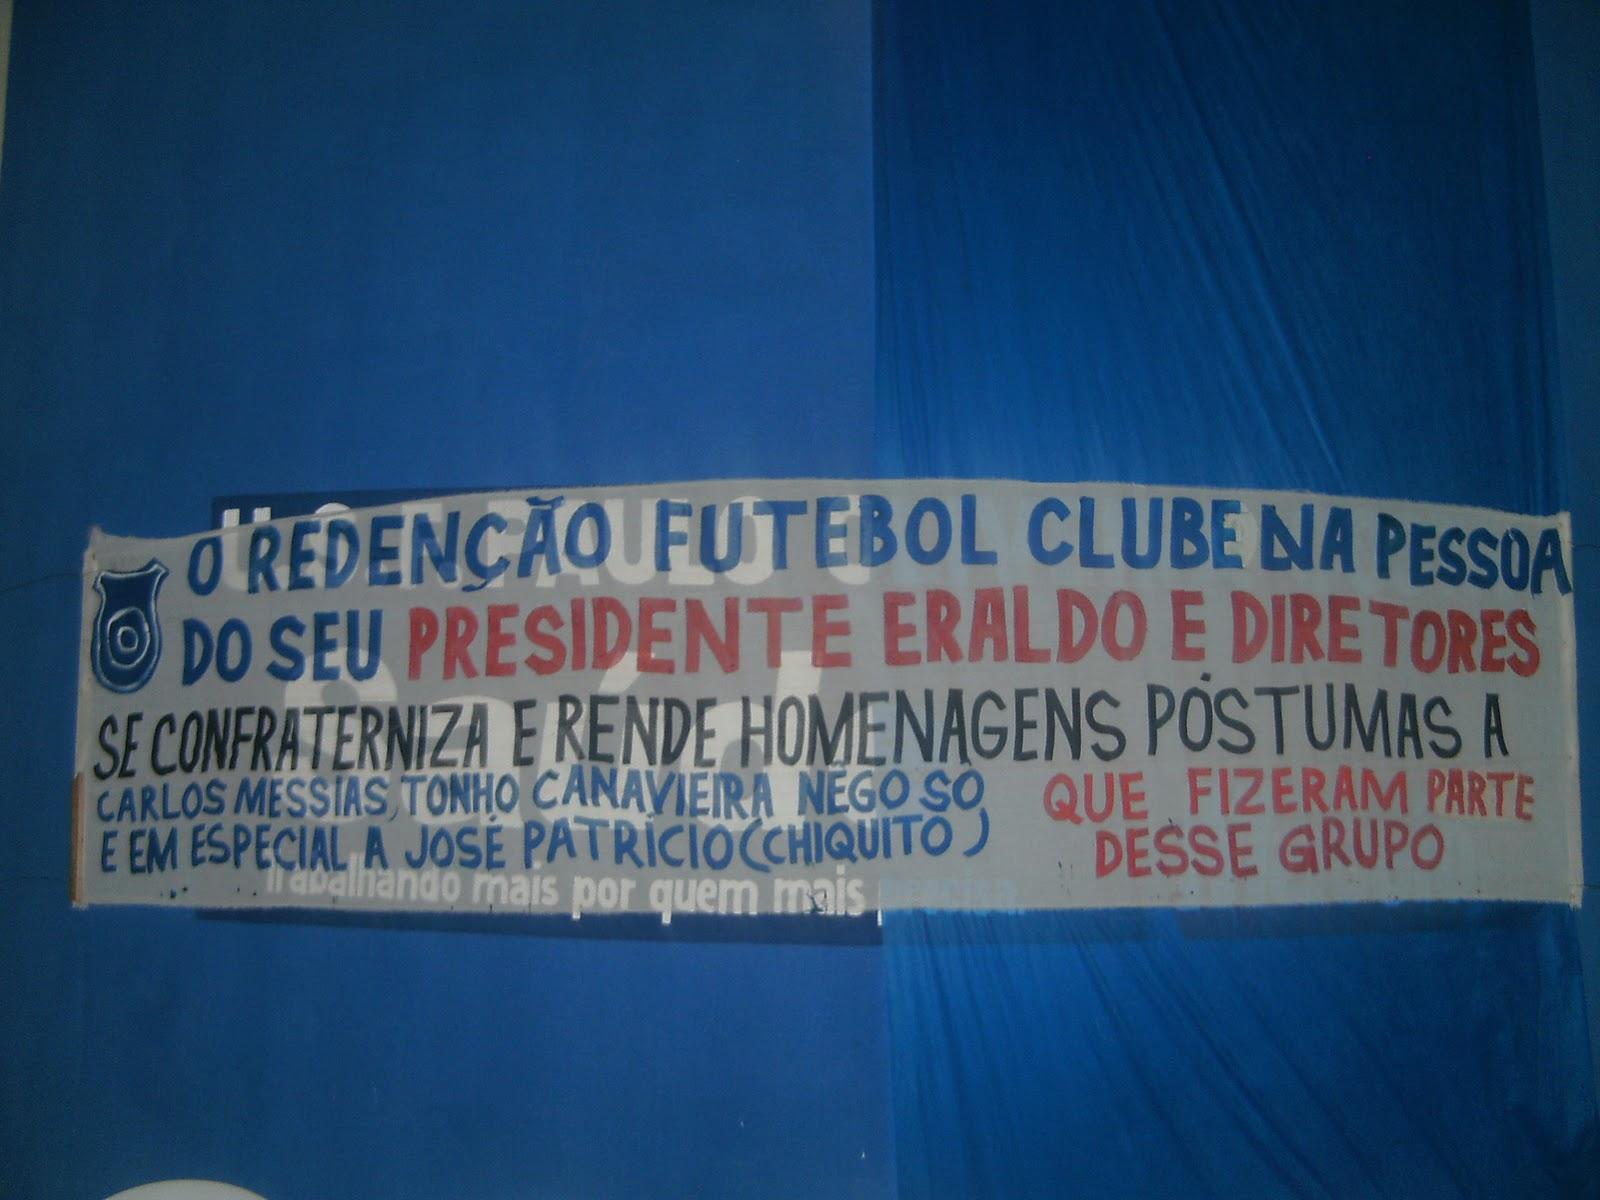 Pagodao clube social de camaccedilari - 3 1